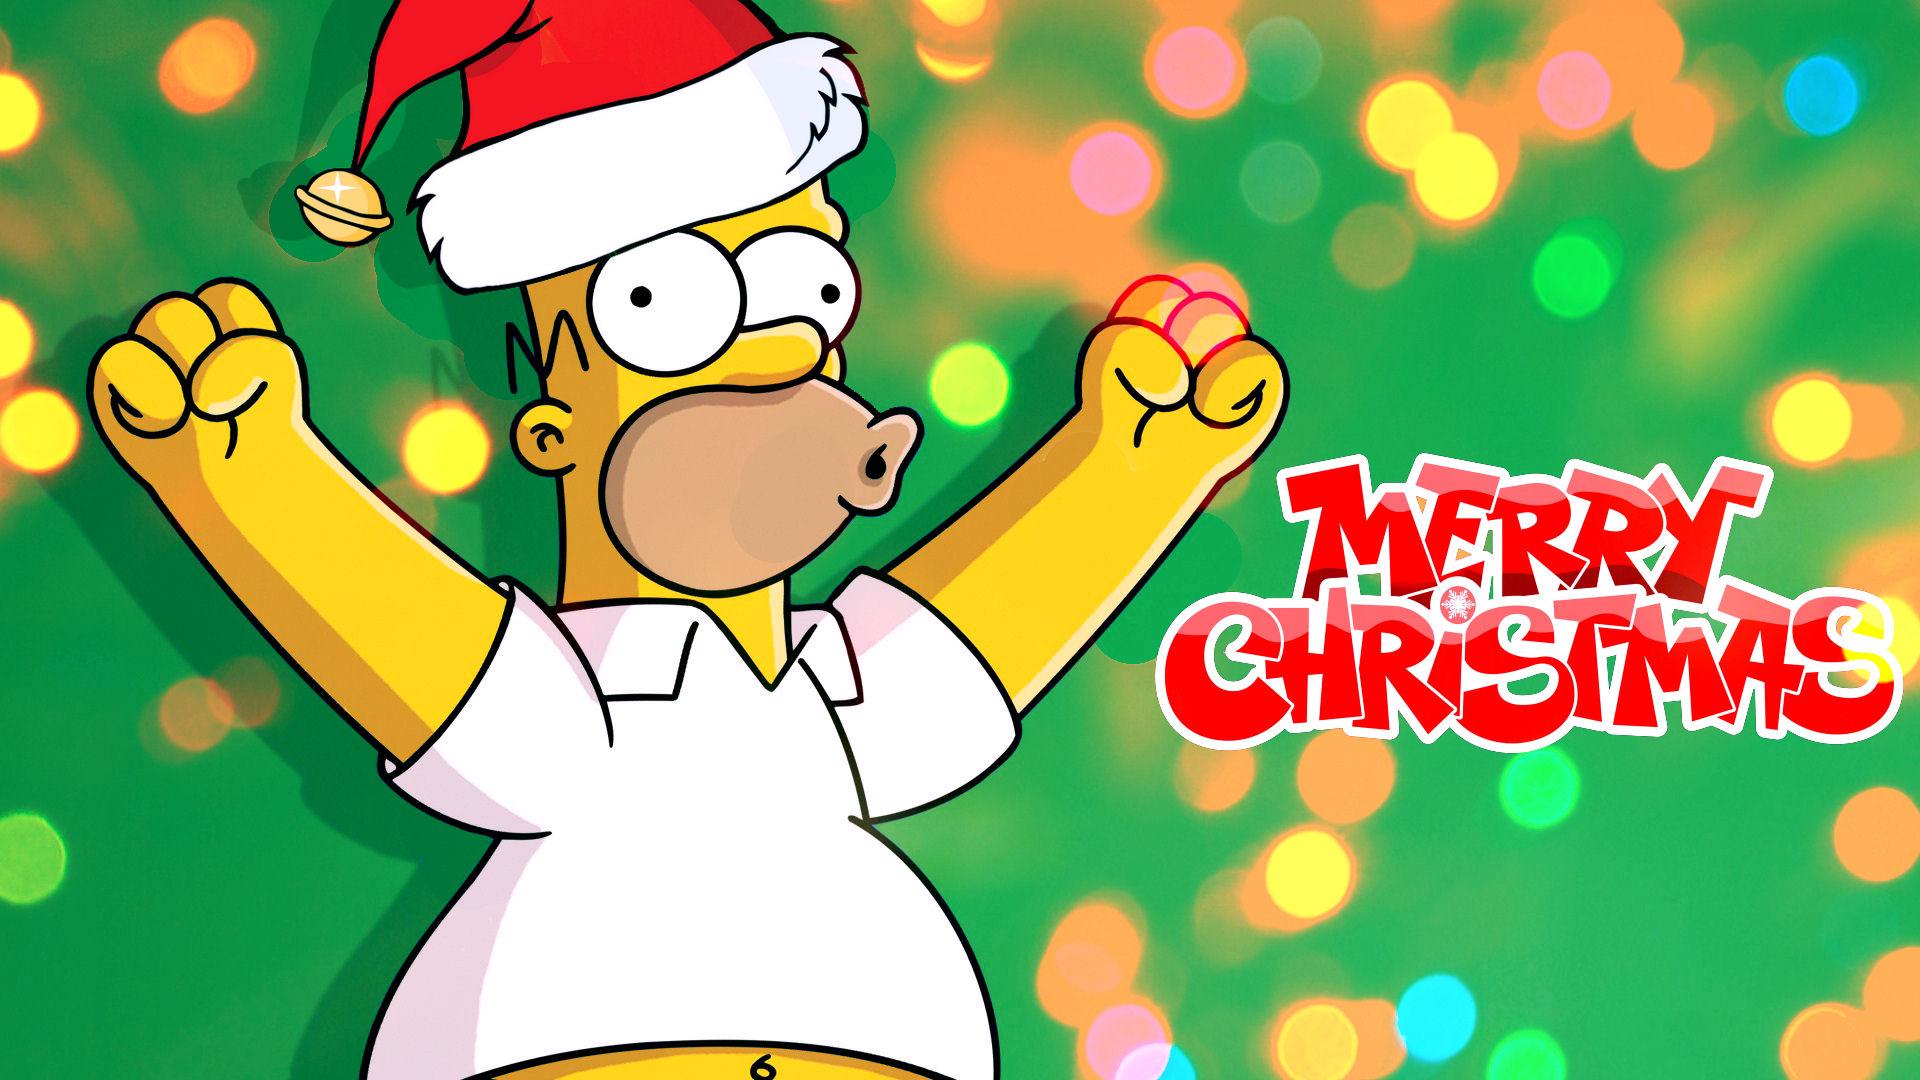 Uncategorized Simpsons Christmas Wallpaper the simpsons homers merry christmas wallpaper by nerosredqueen nerosredqueen